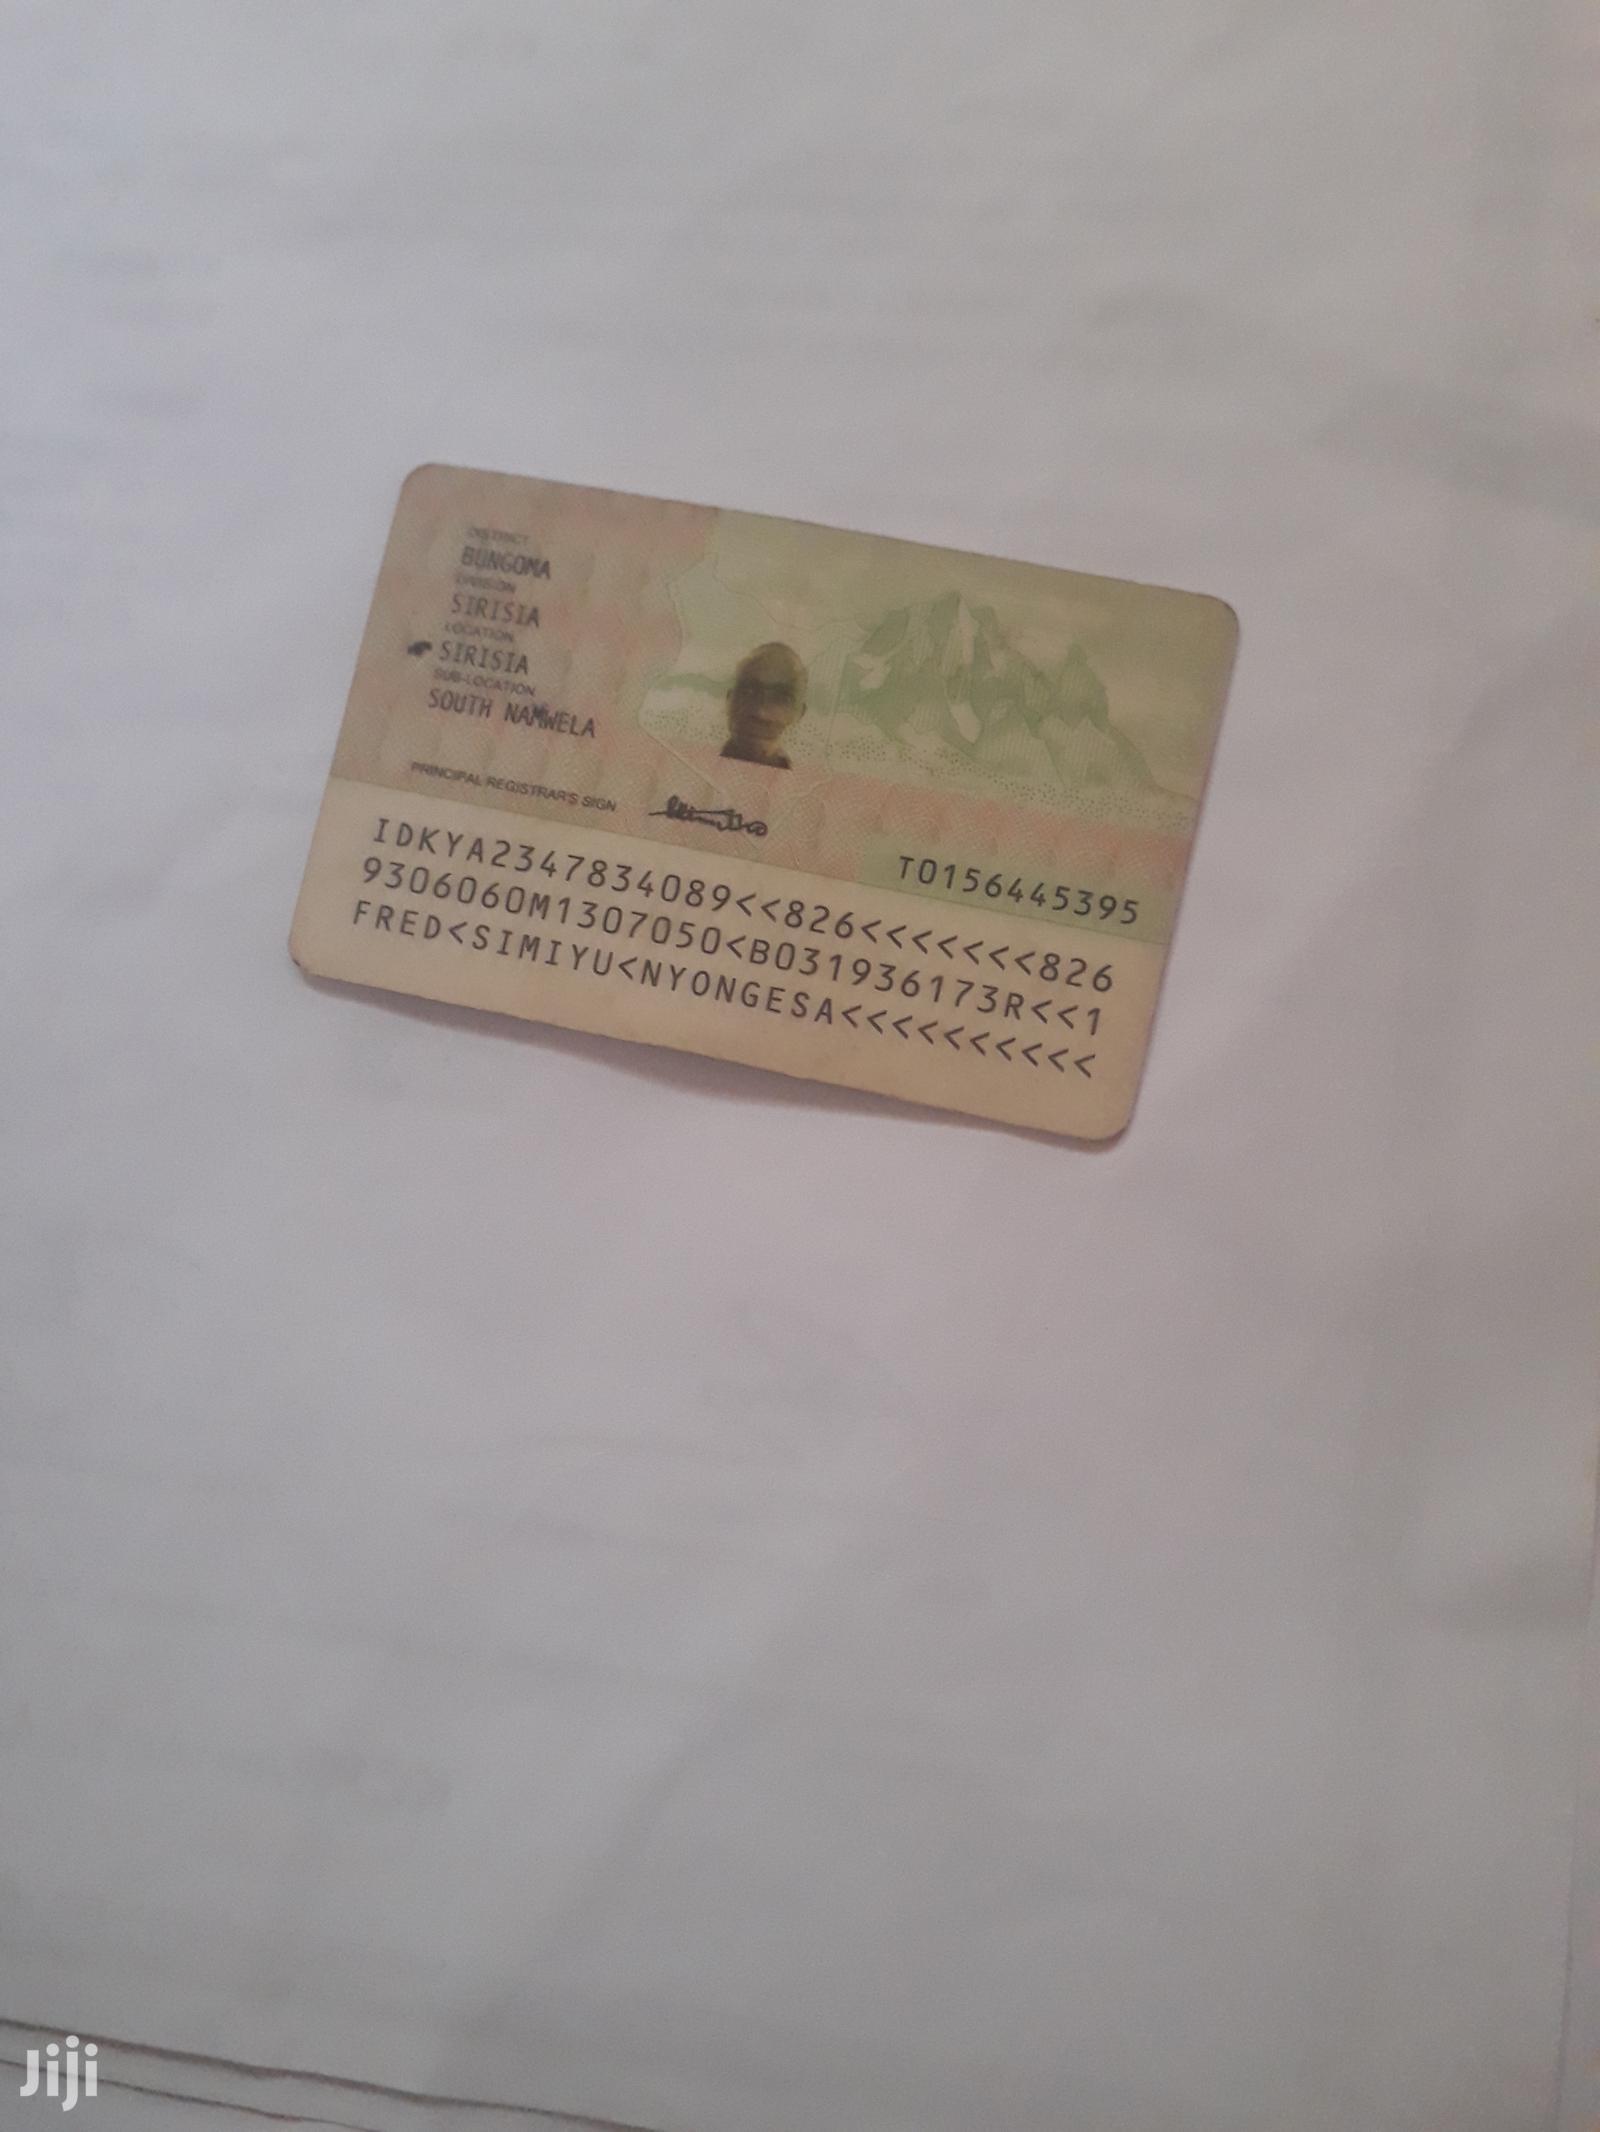 Data Entry Clerk